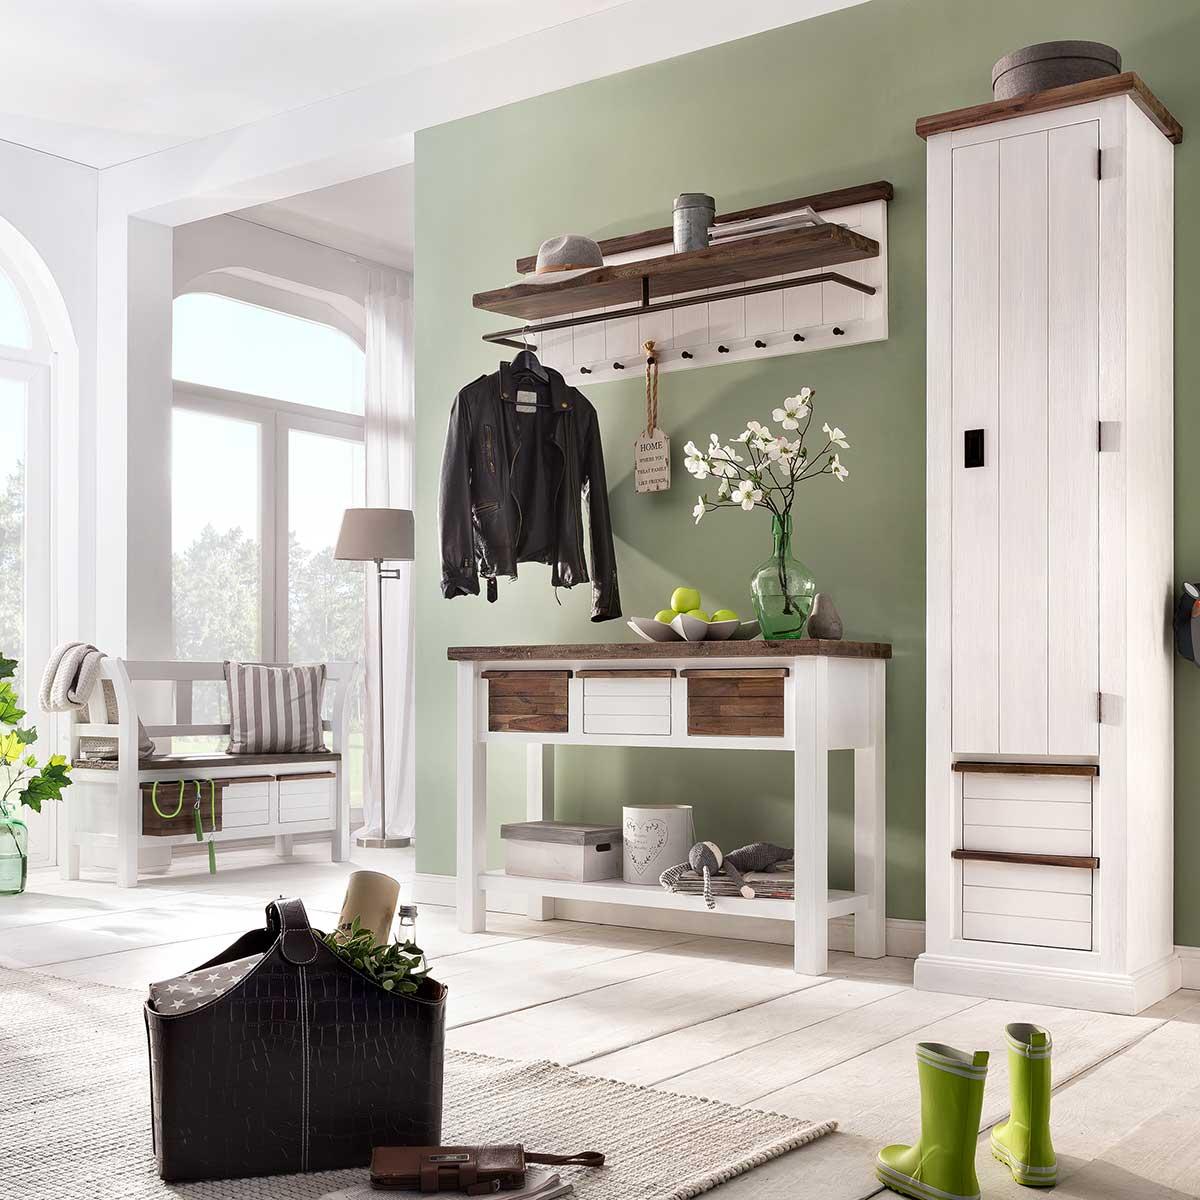 garderobenspiegel loft in akazie massiv wei braun. Black Bedroom Furniture Sets. Home Design Ideas